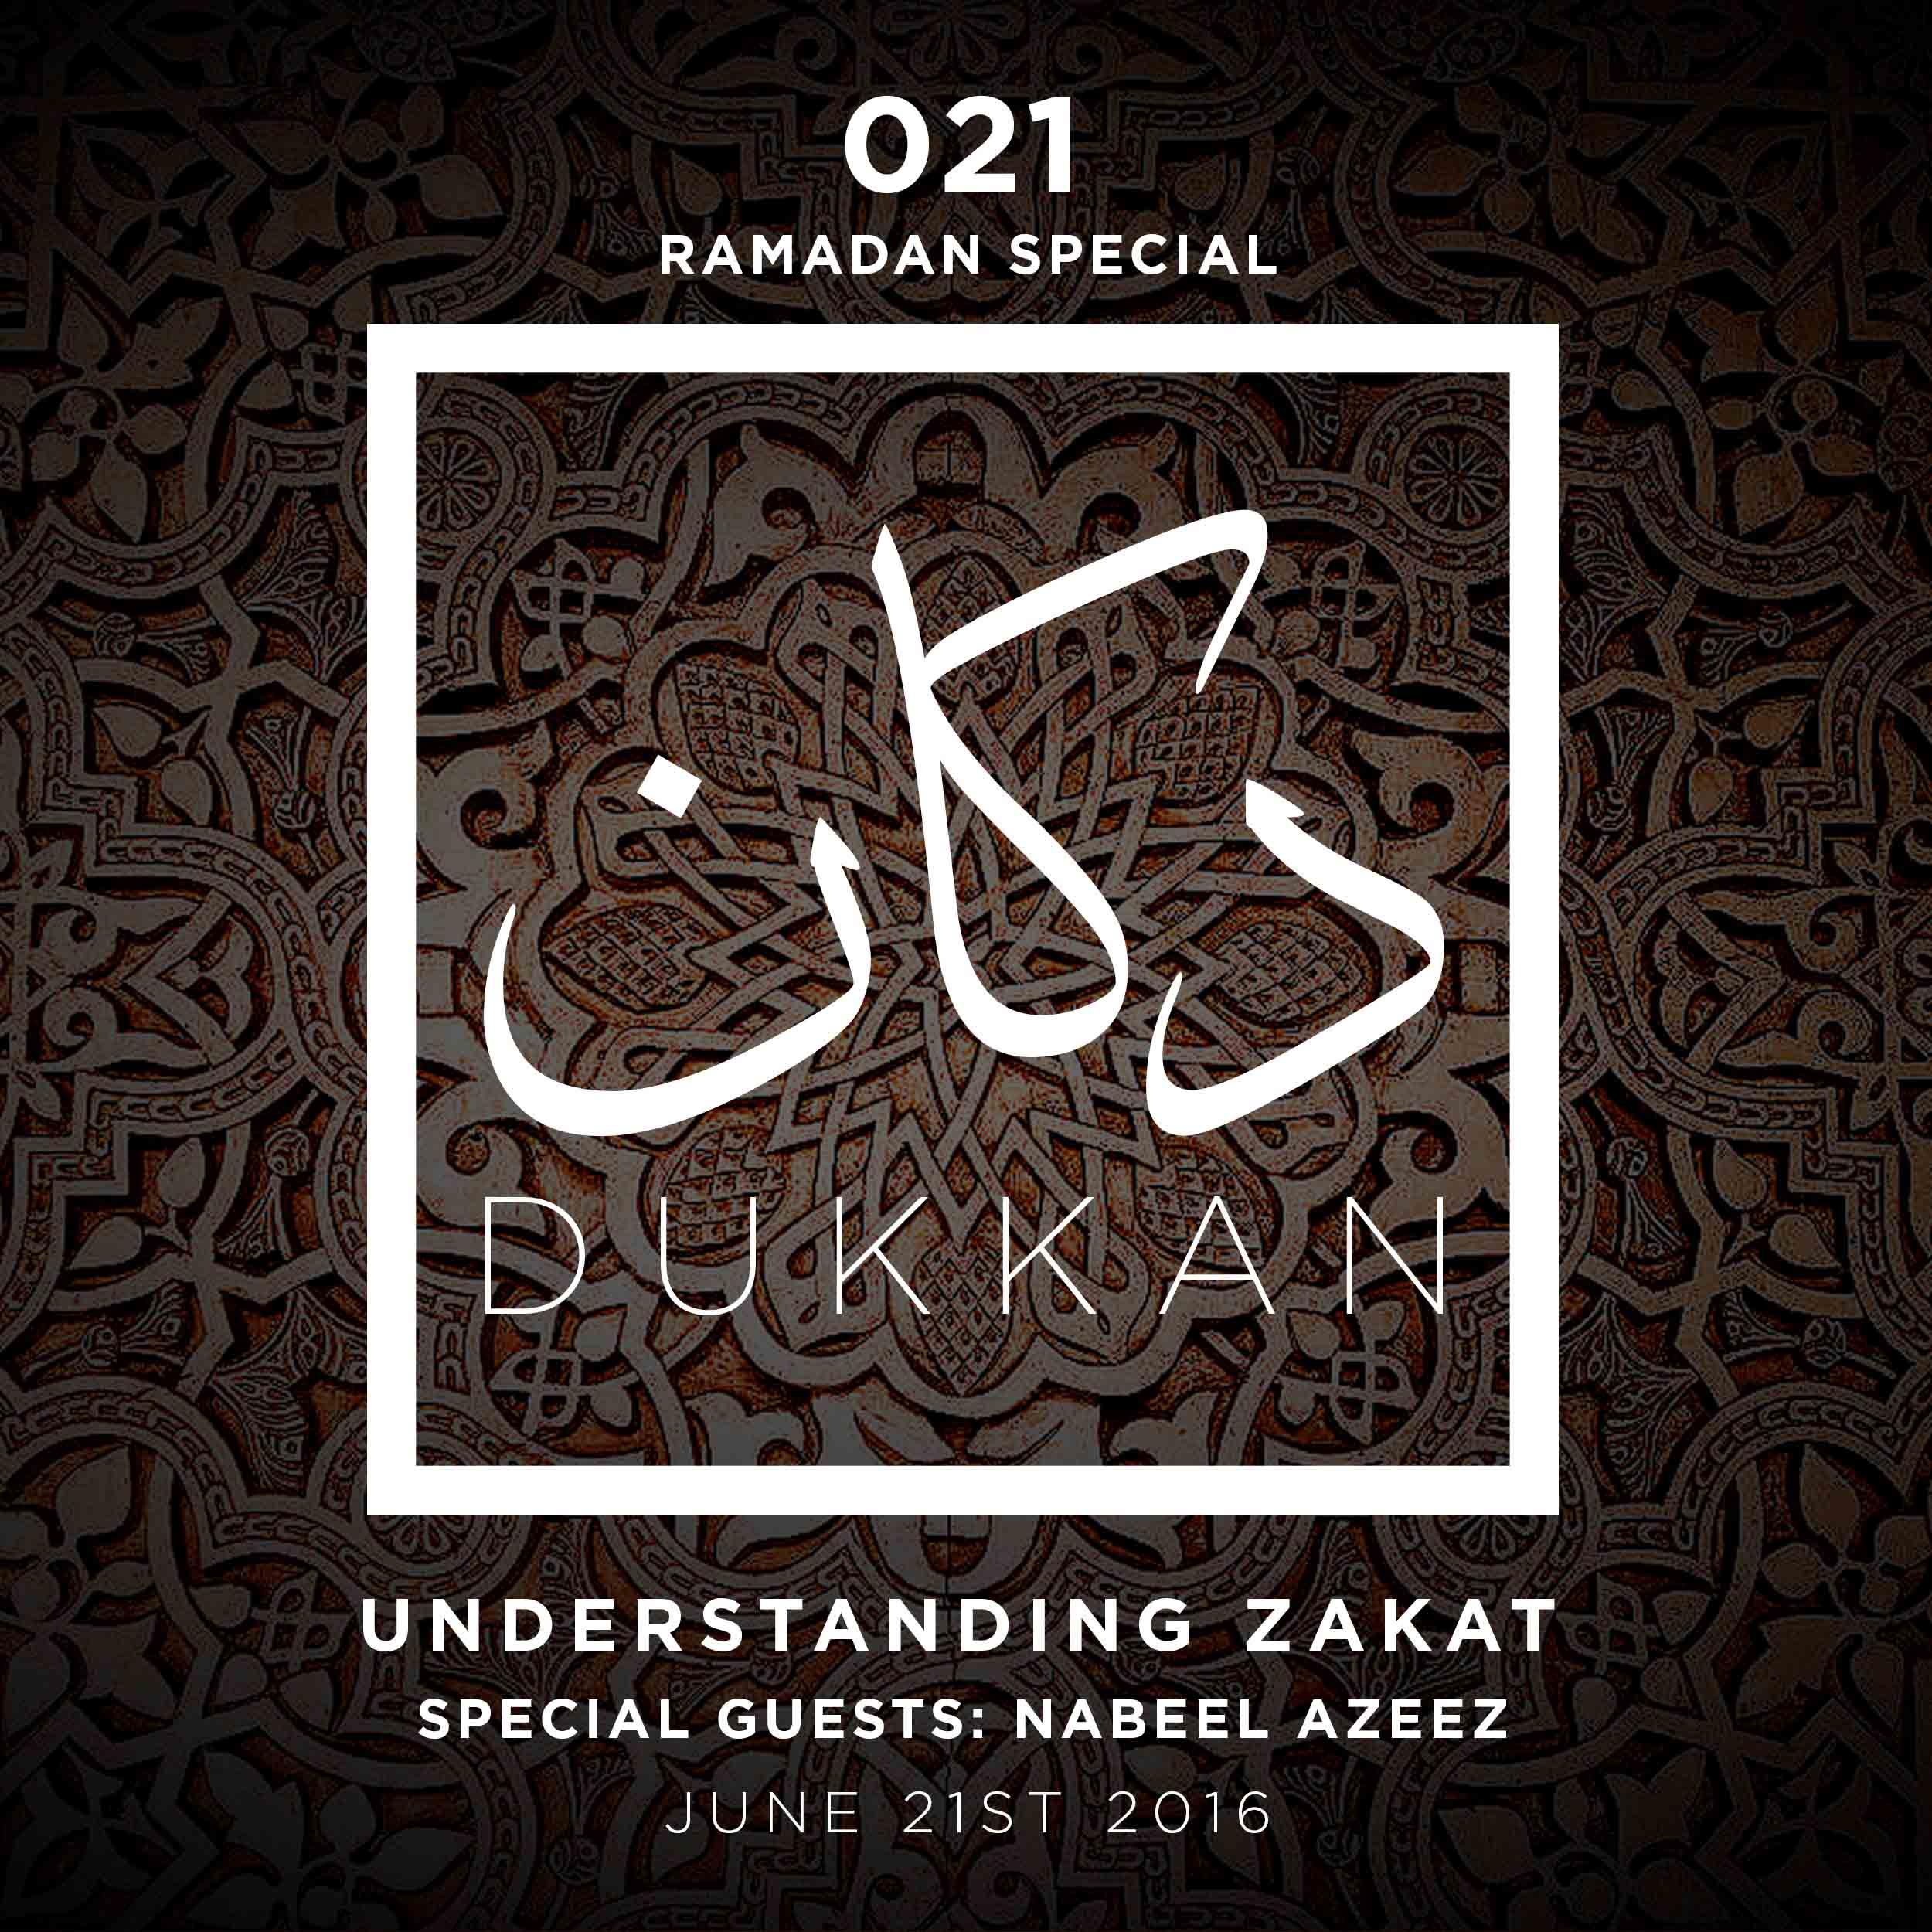 understanding zakat